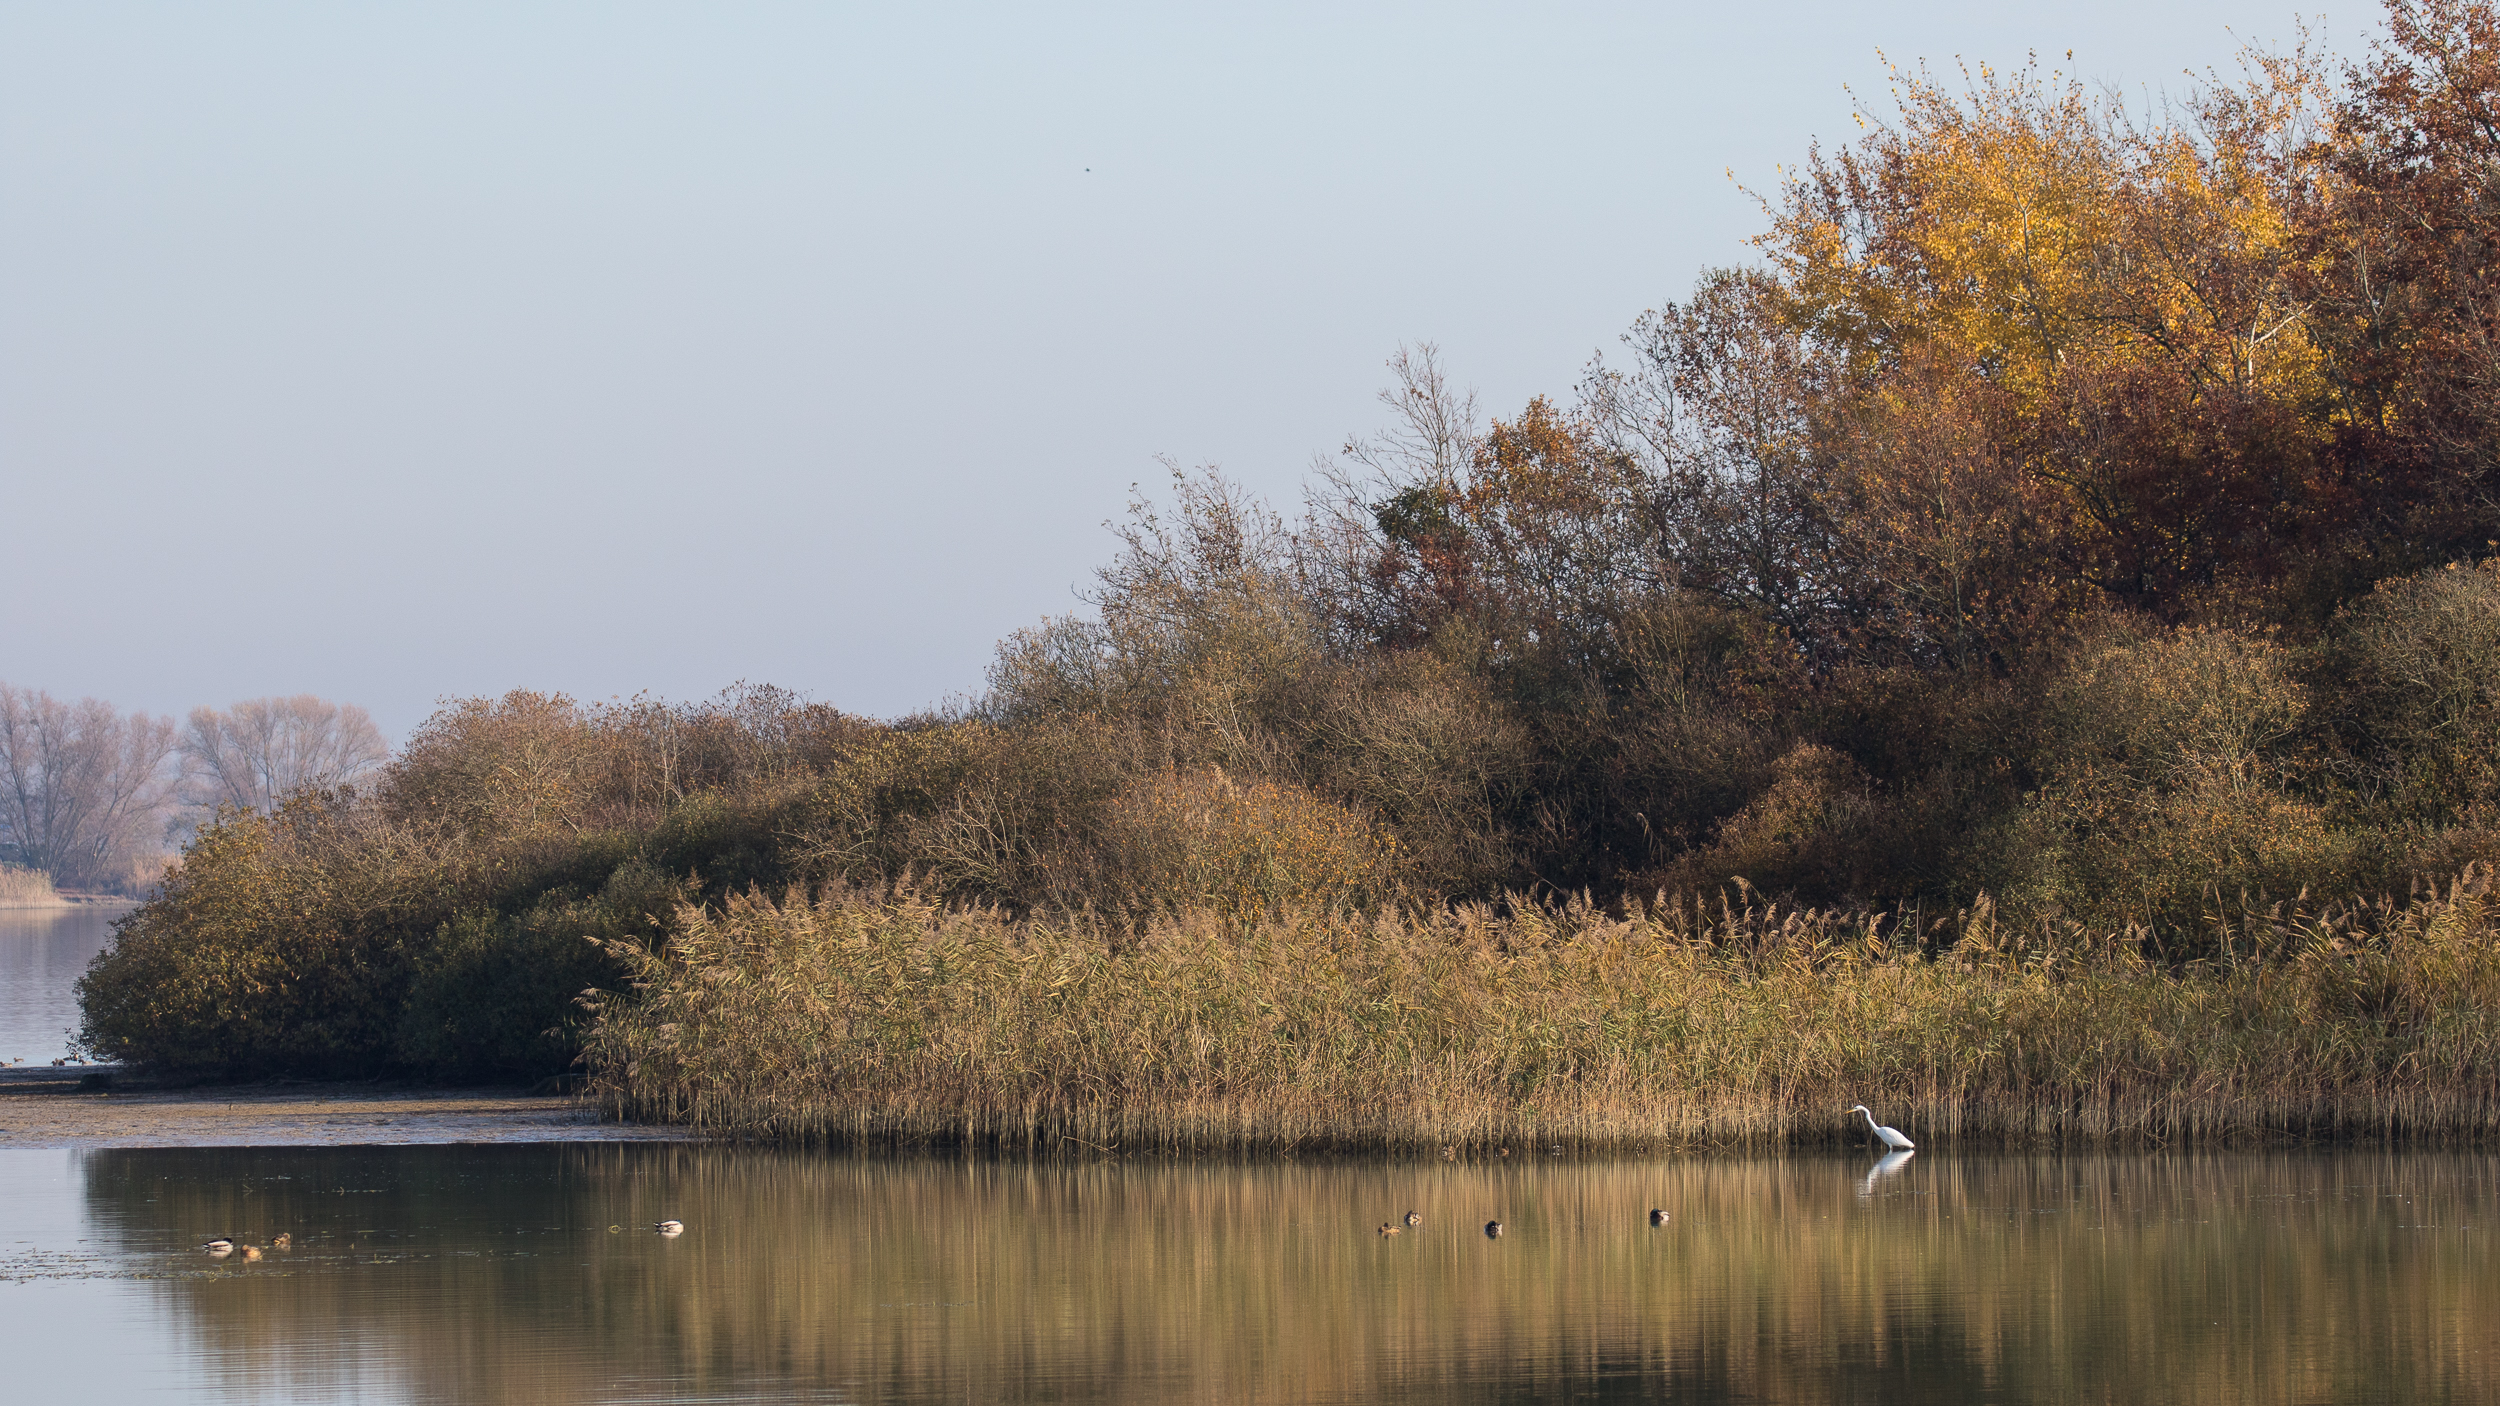 birding-lake-der-chantecoq-france